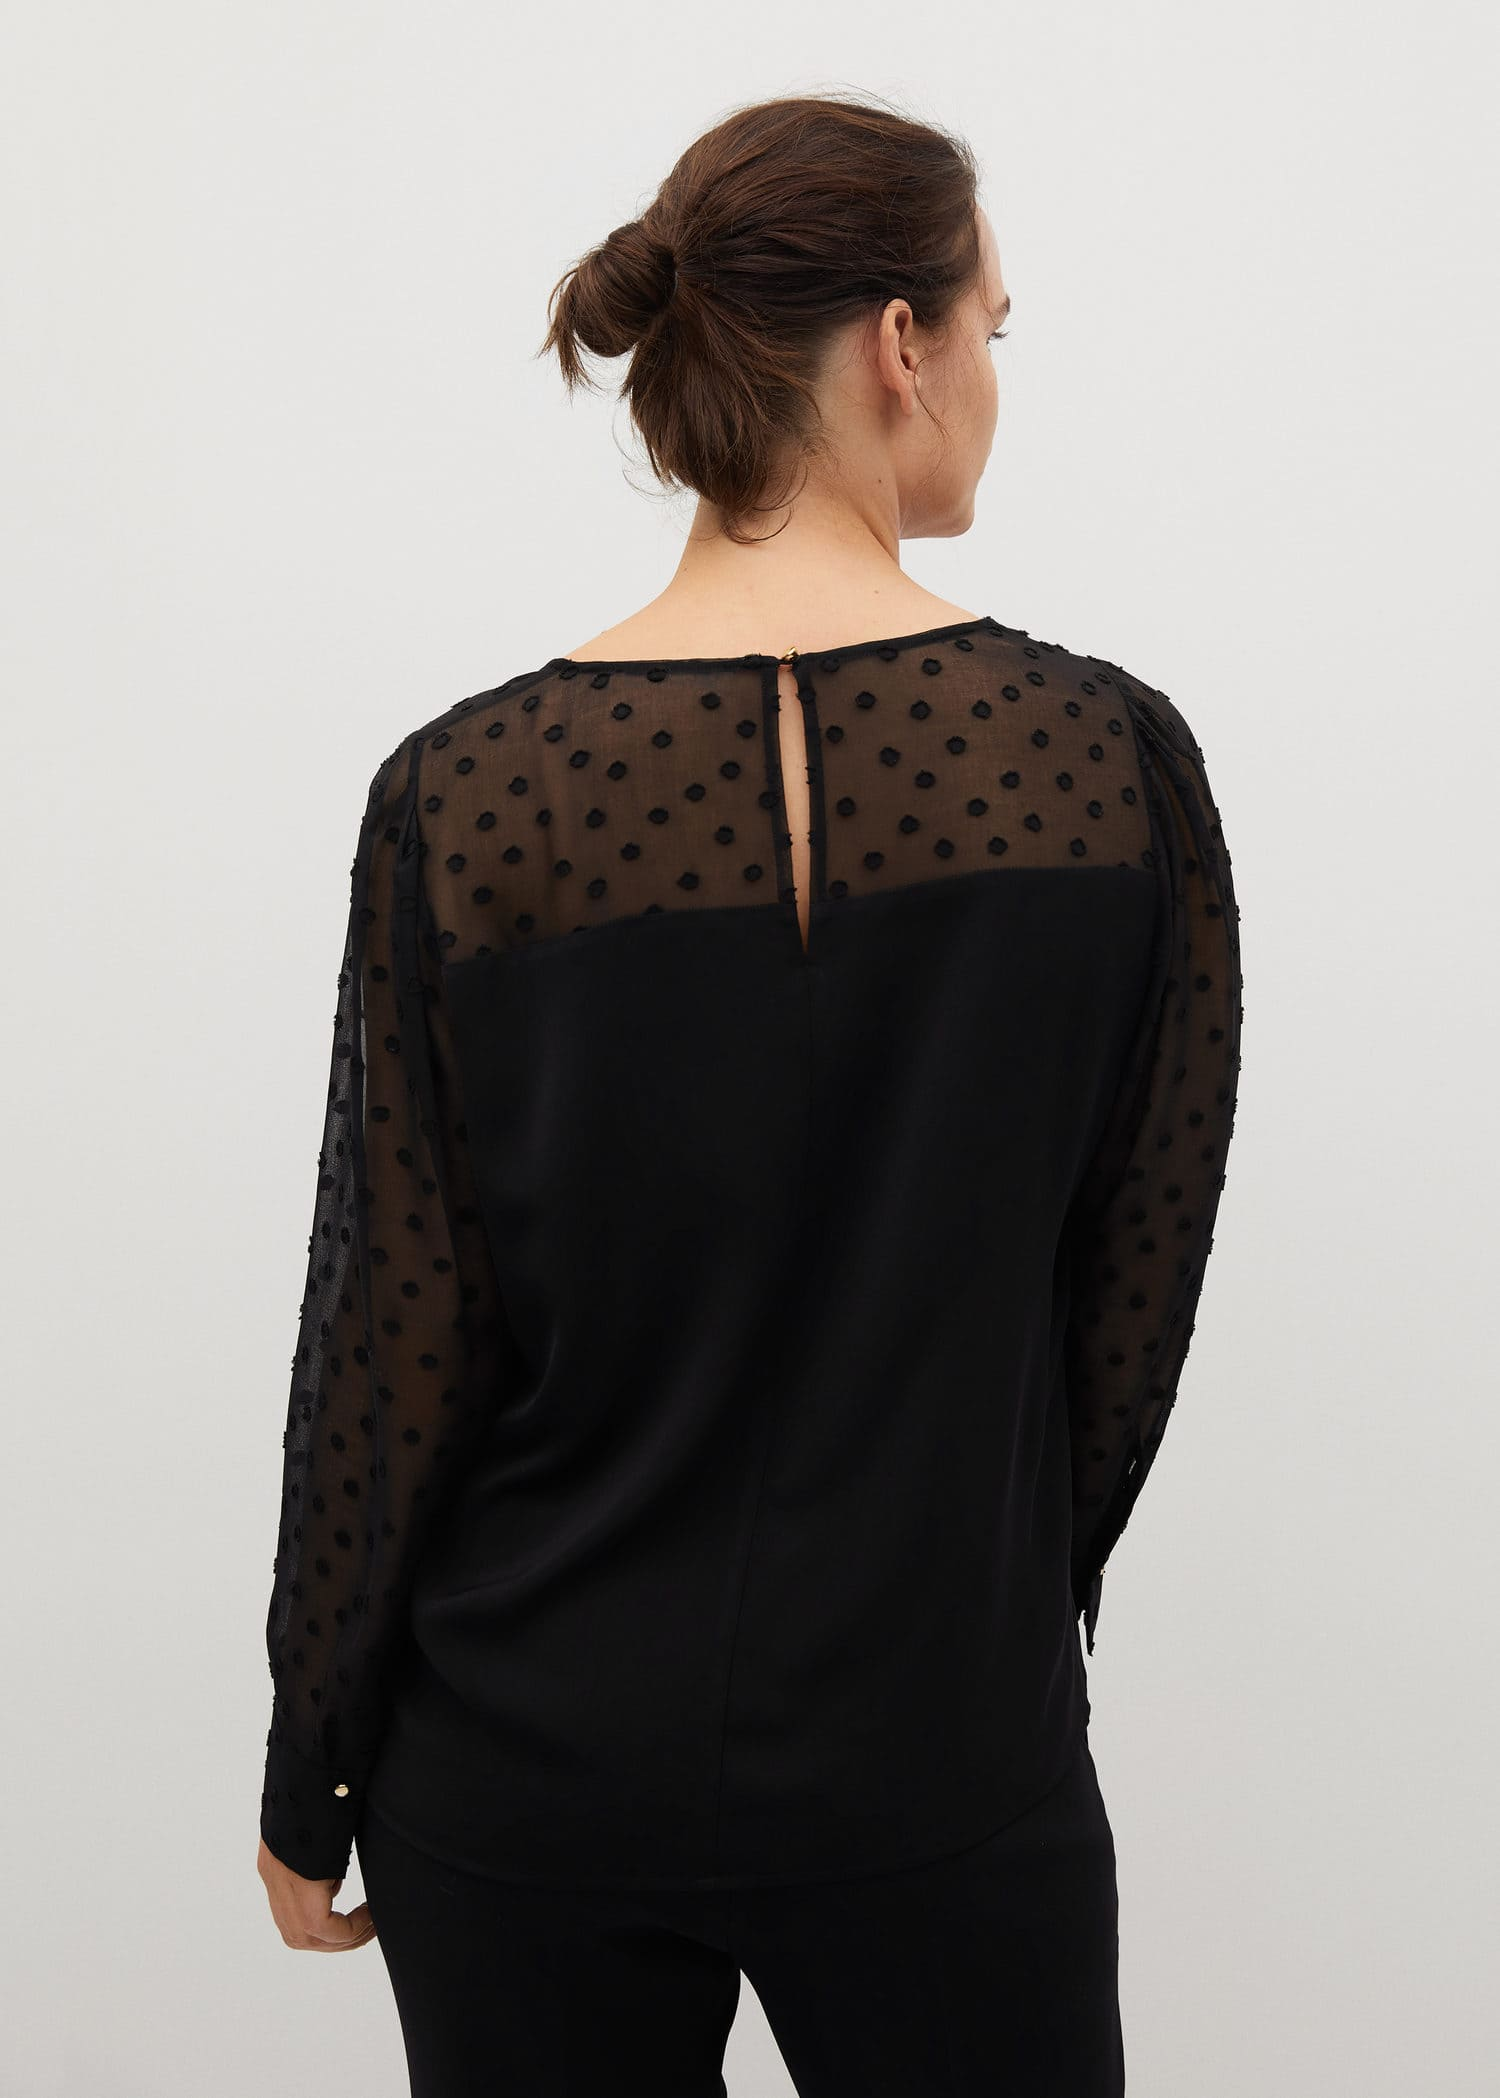 Camisas Tallas Grandes 2020 Violeta By Mango Espana